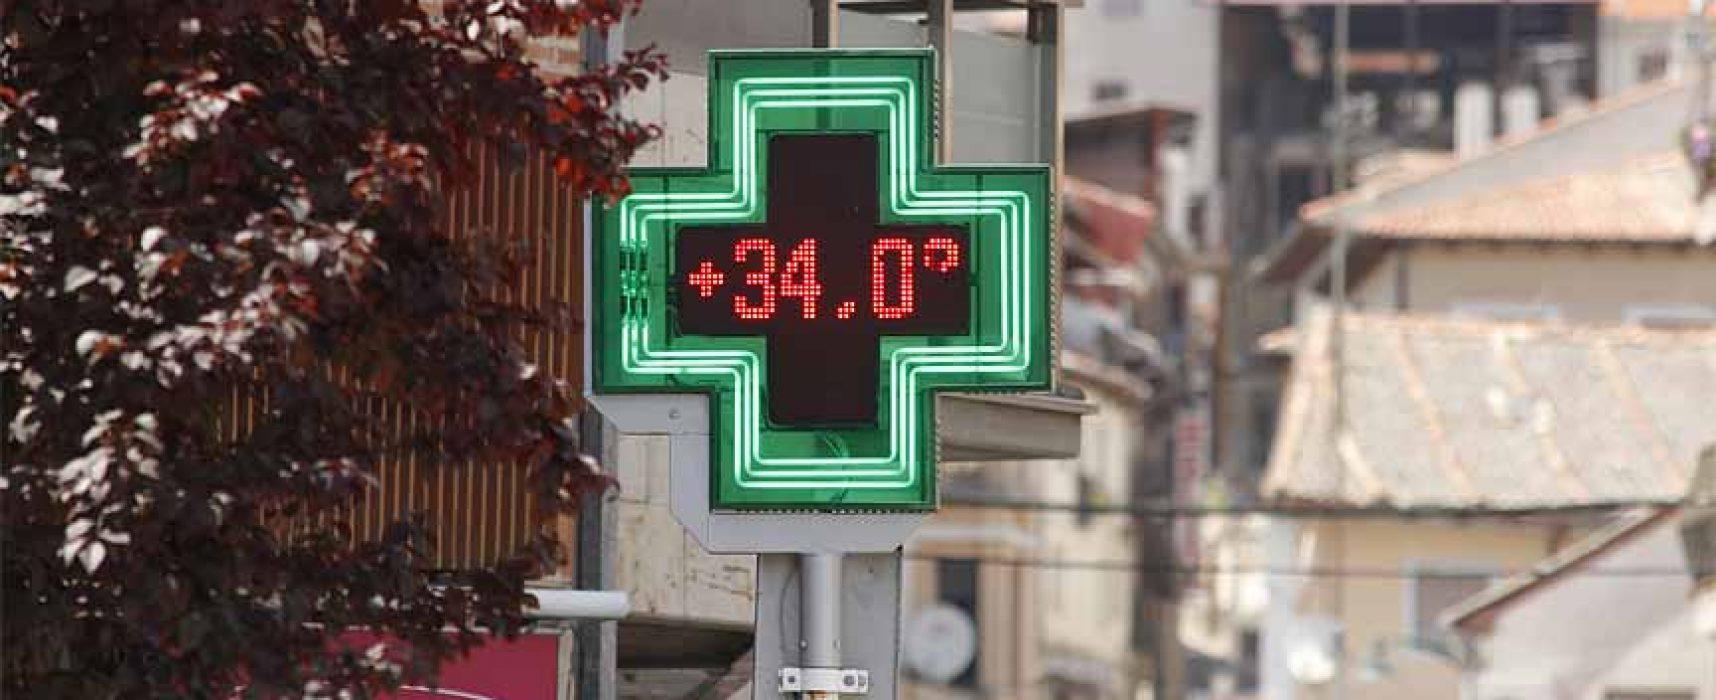 Las temperaturas volverán a subir hasta 37ºC en los próximos días